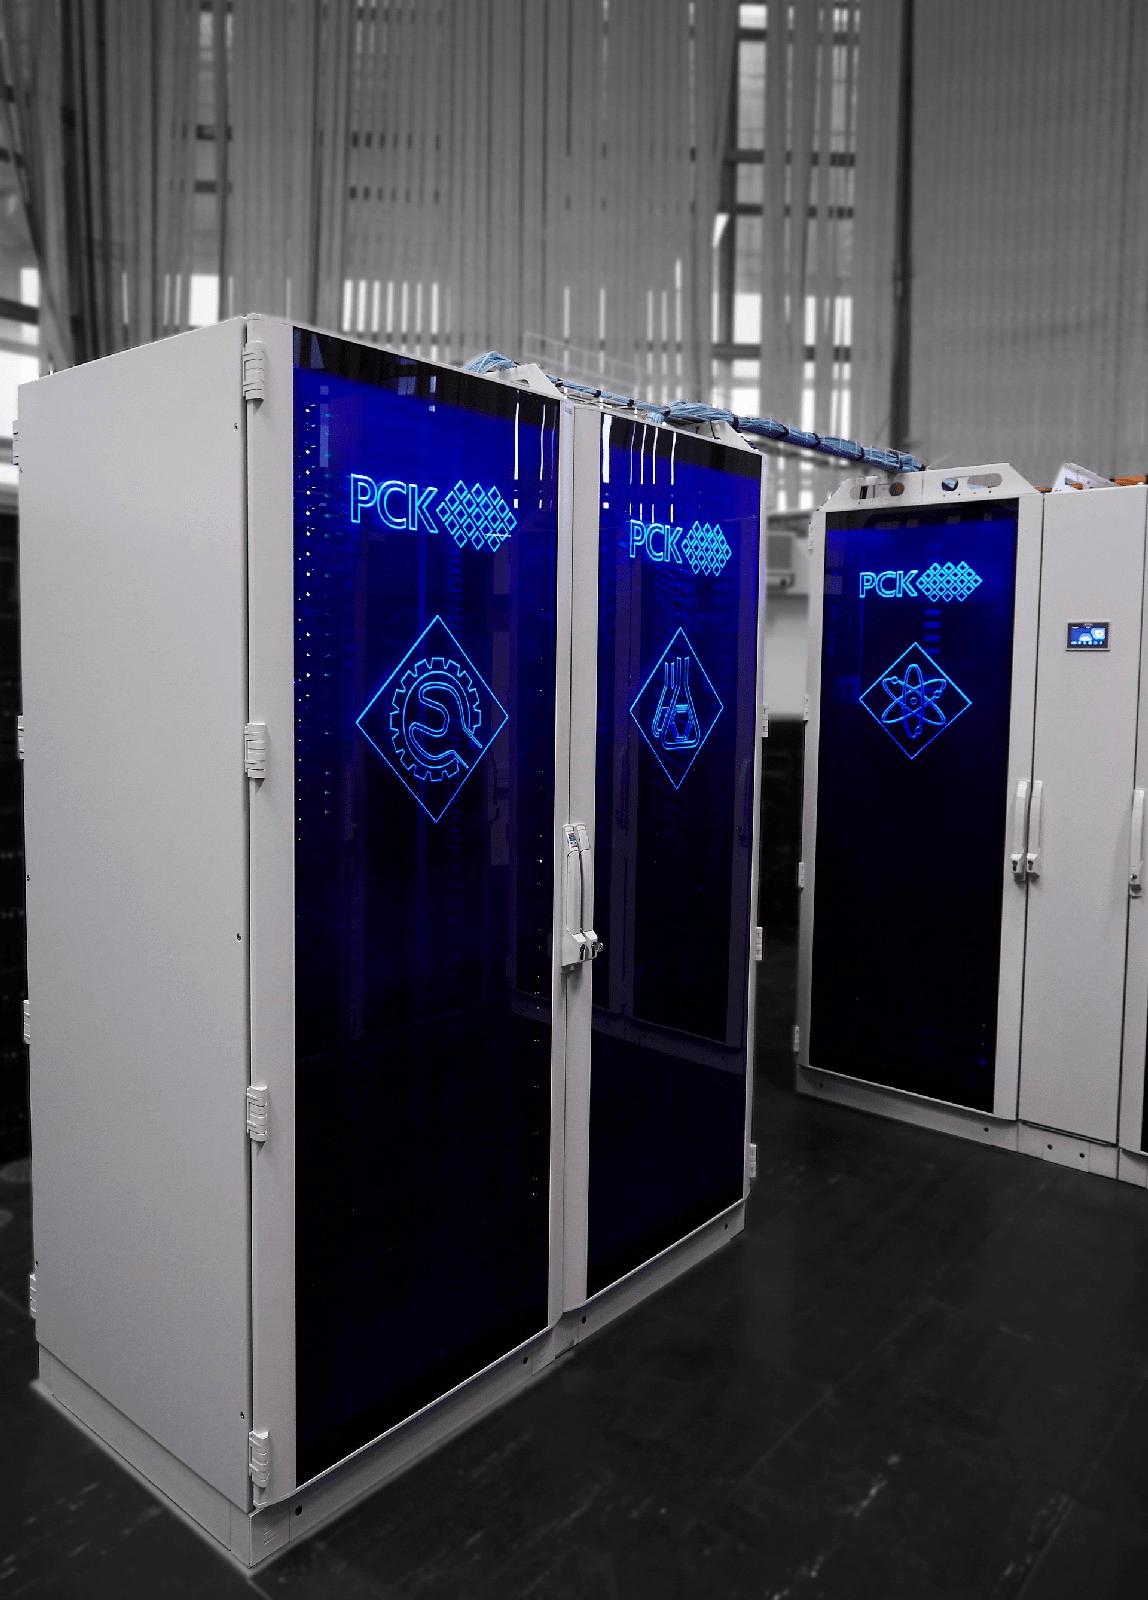 Суперкомпьютеры РАН помогают в разработке лекарств против коронавируса (9caceb1e210d84fb5b14ee2145ffdafe)